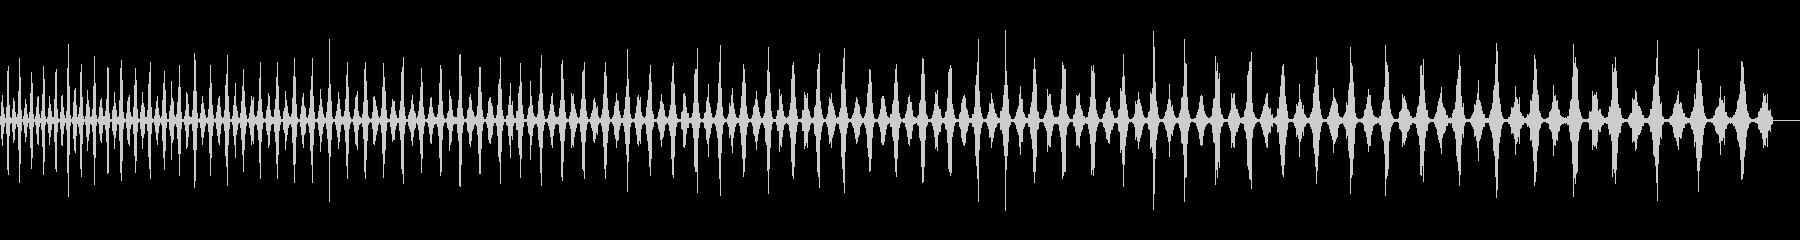 トーン宇宙船降順wavの未再生の波形